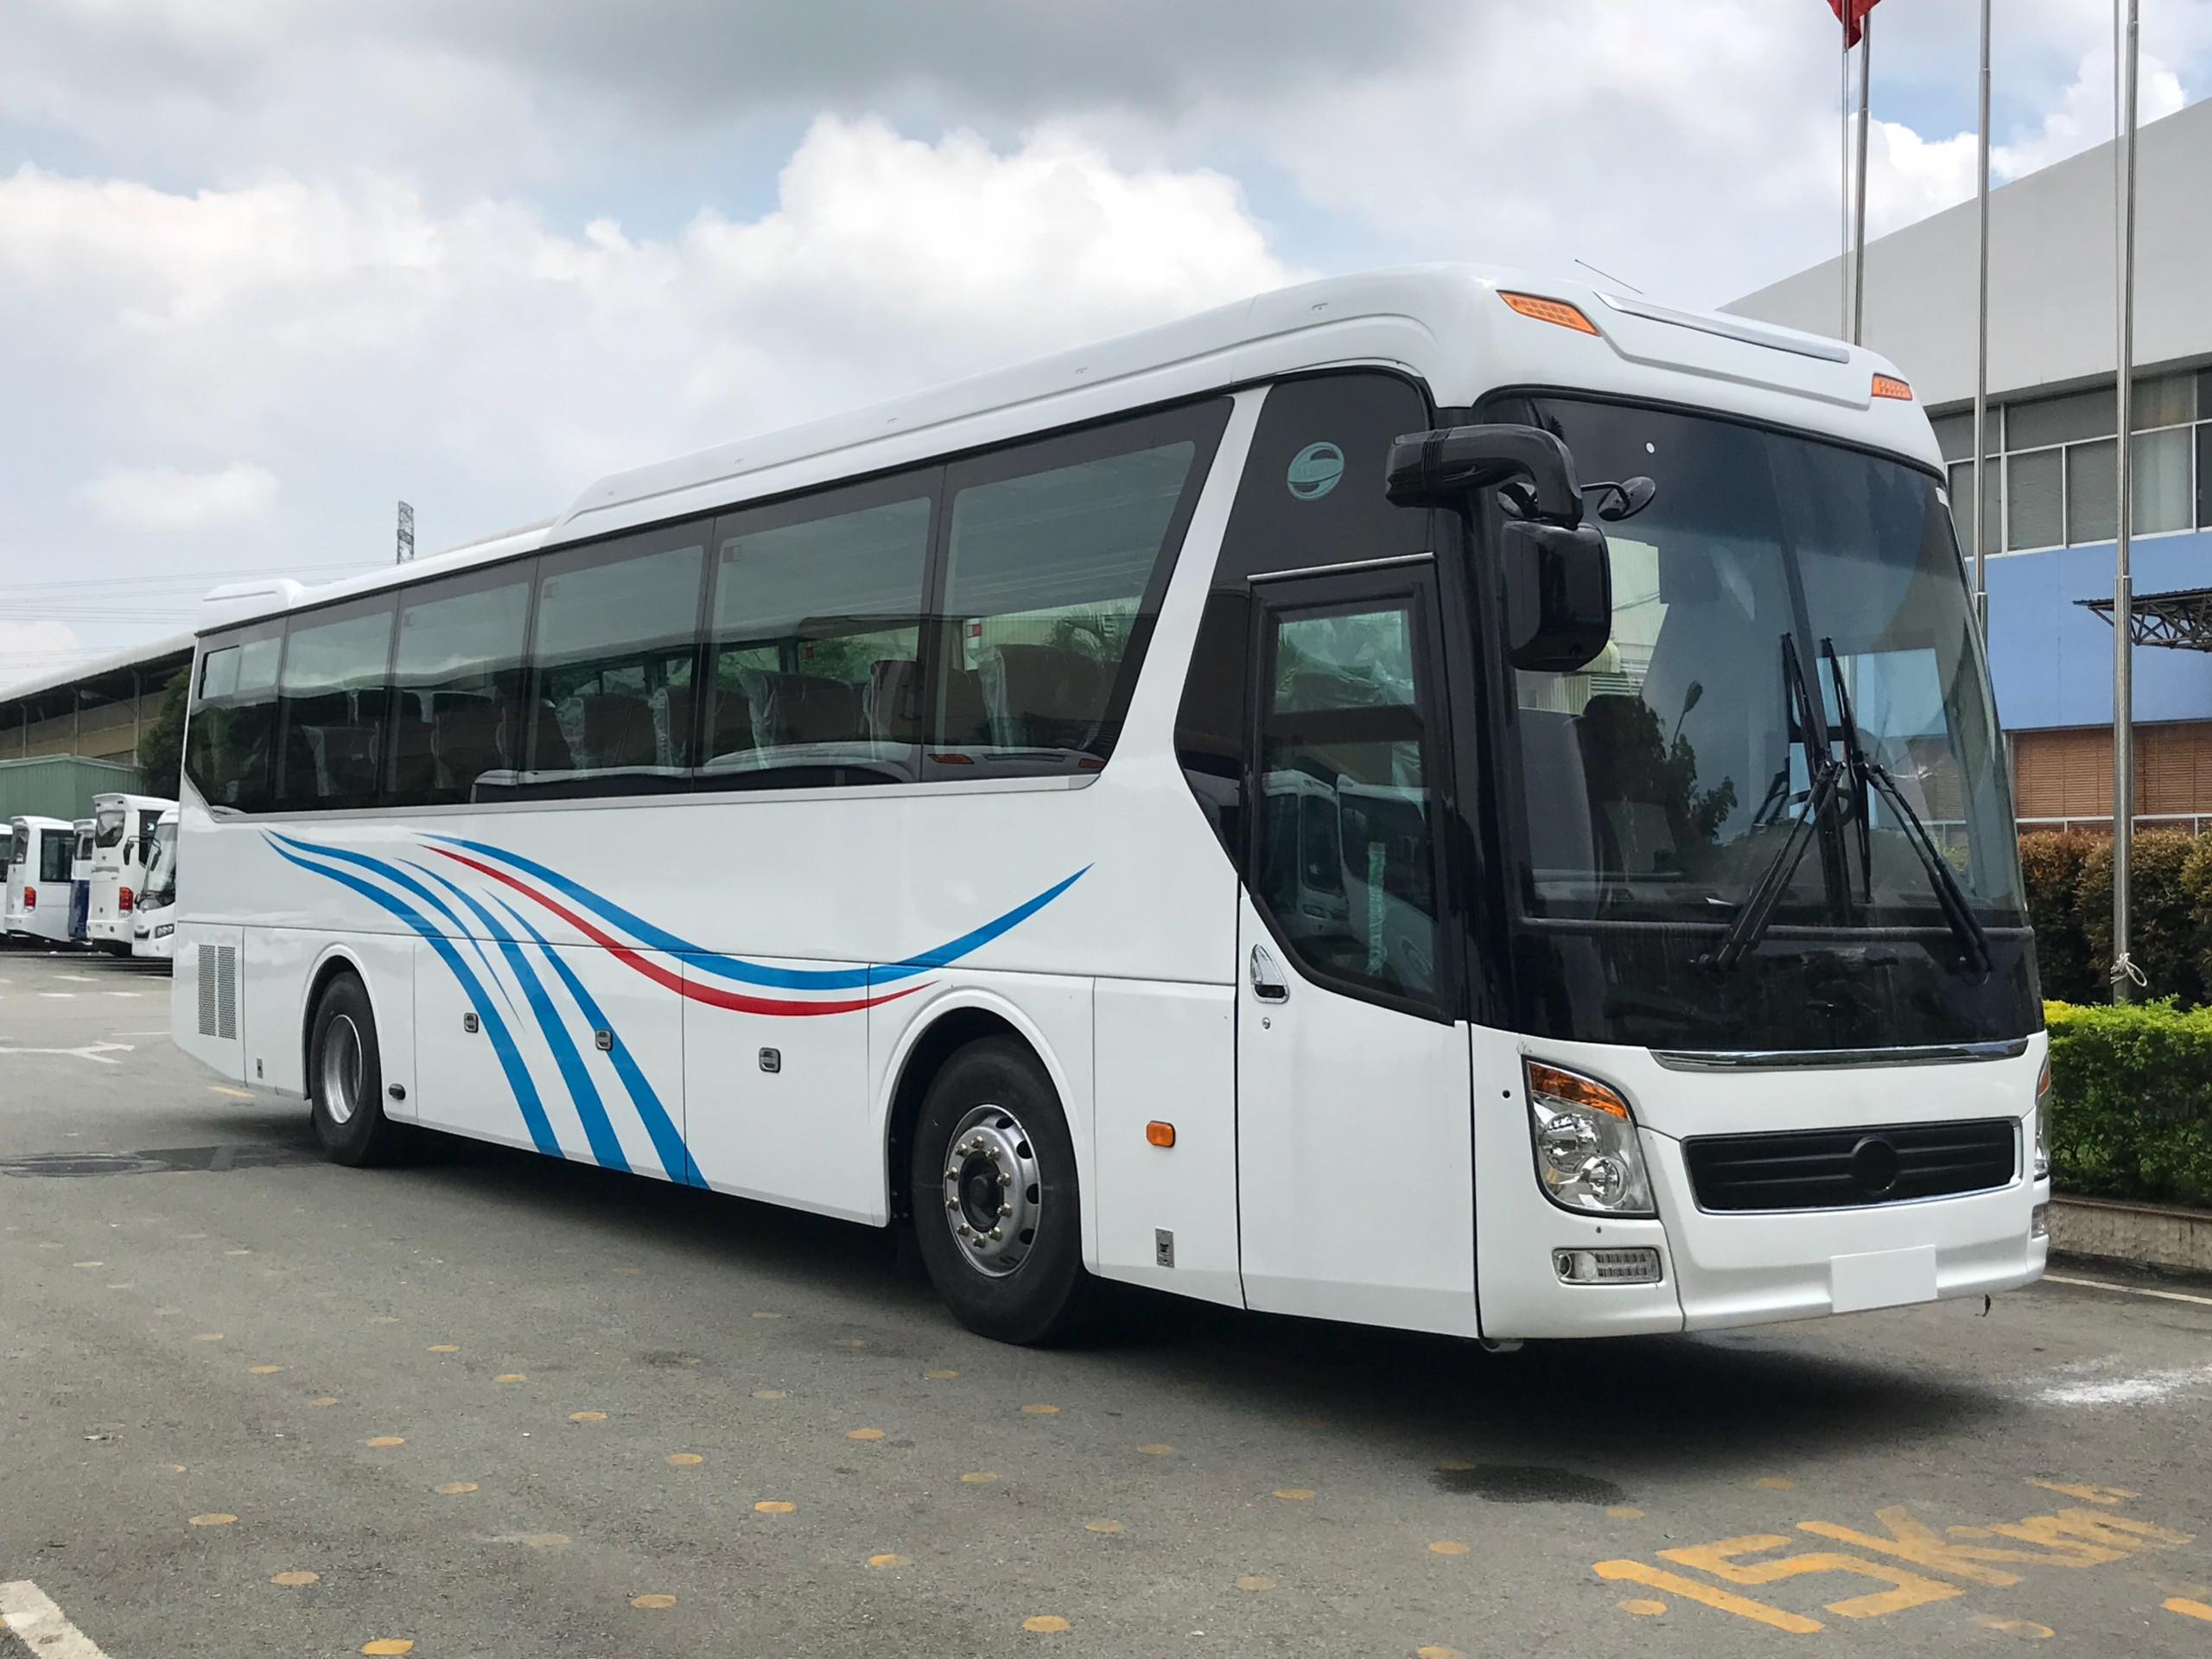 Cần Bán Xe Khách 47 Chỗ Doosan Samco Động Cơ Hàn Quốc